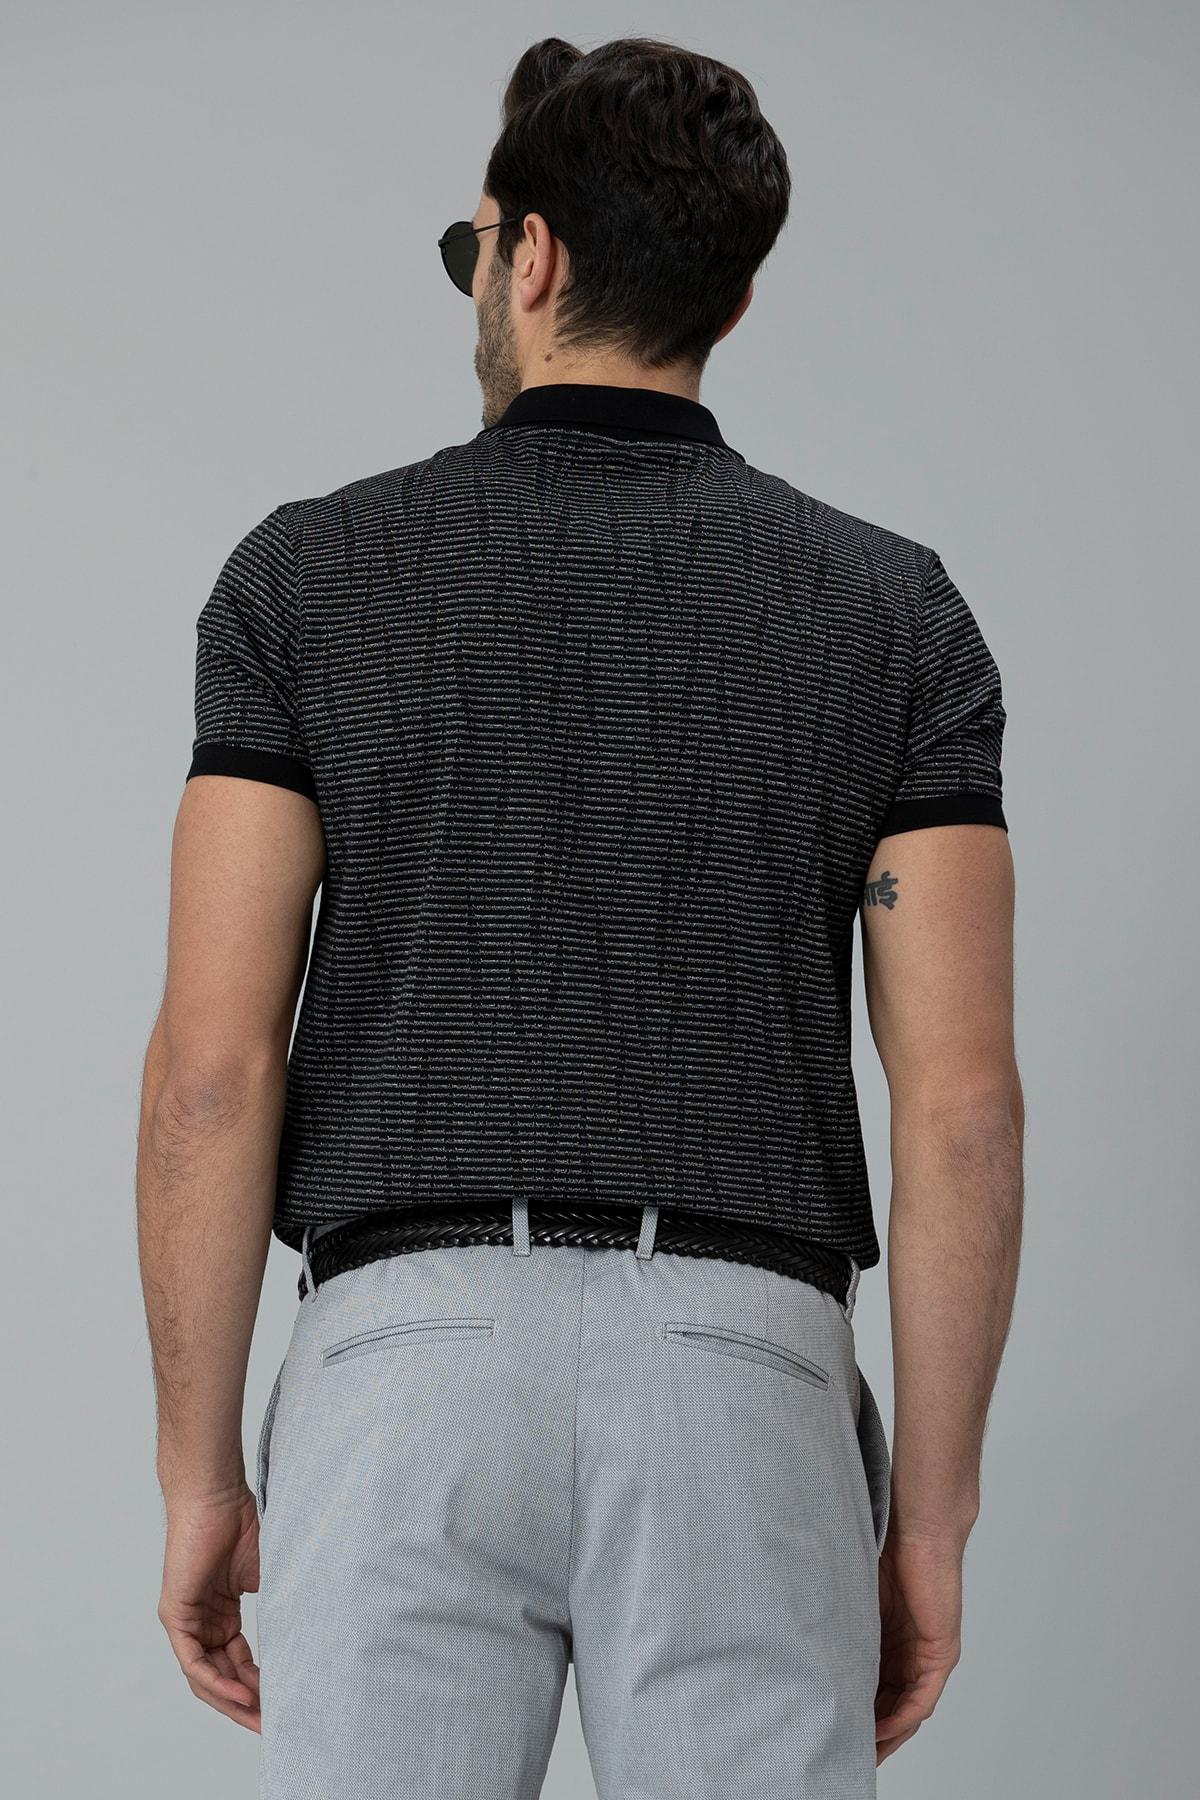 Lufian Como Spor Polo T- Shirt Siyah 3